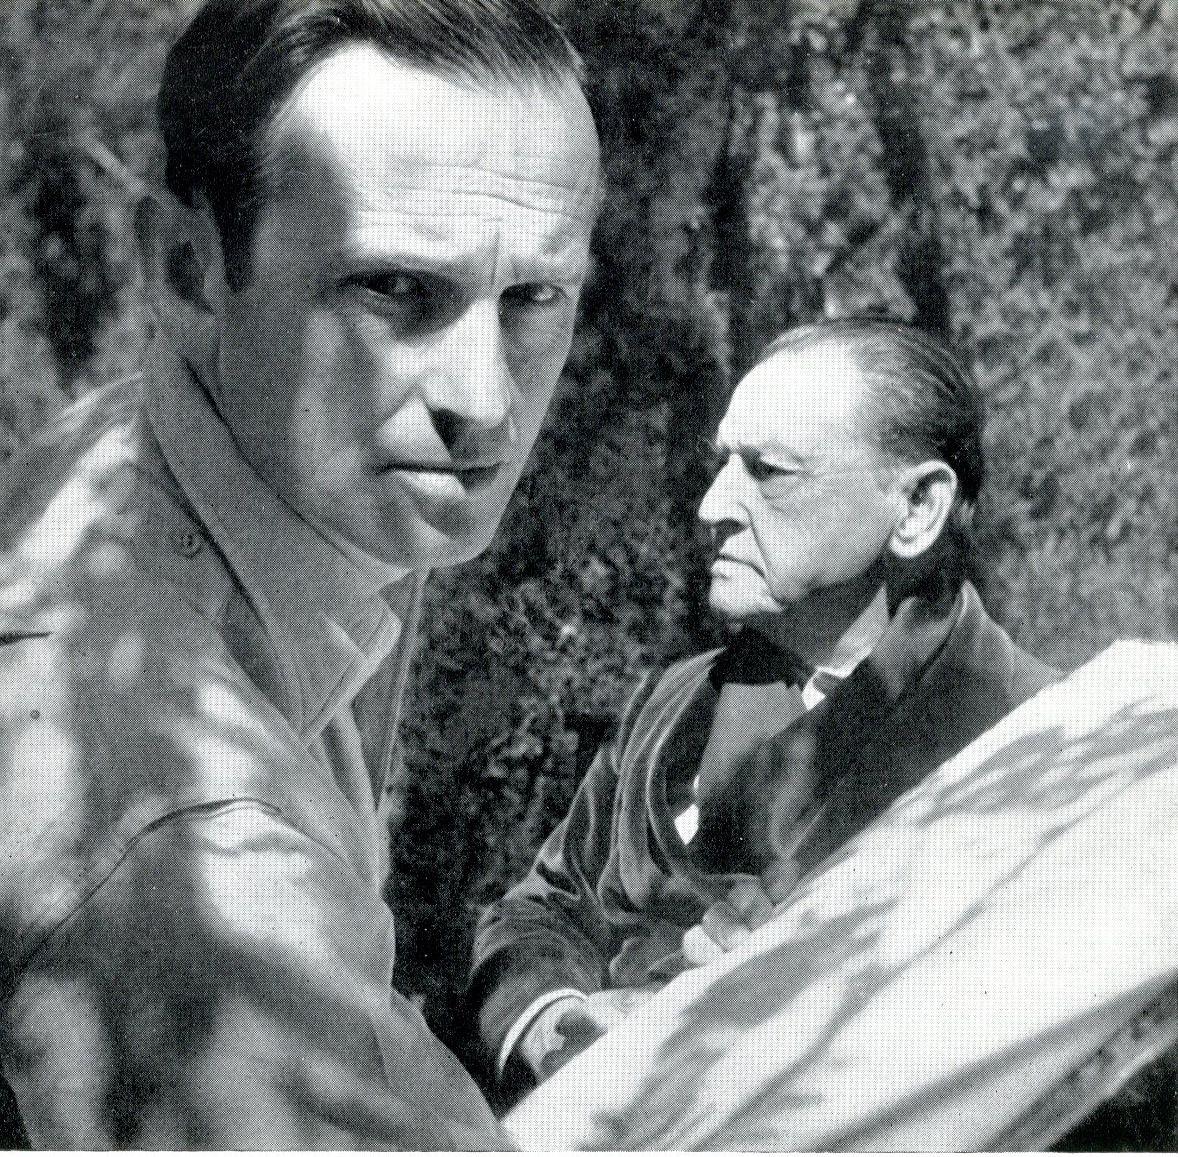 Graham Sutherland en el retrato de W. Somerset Maugham retratados por Cecil Beaton. Vogue 1949